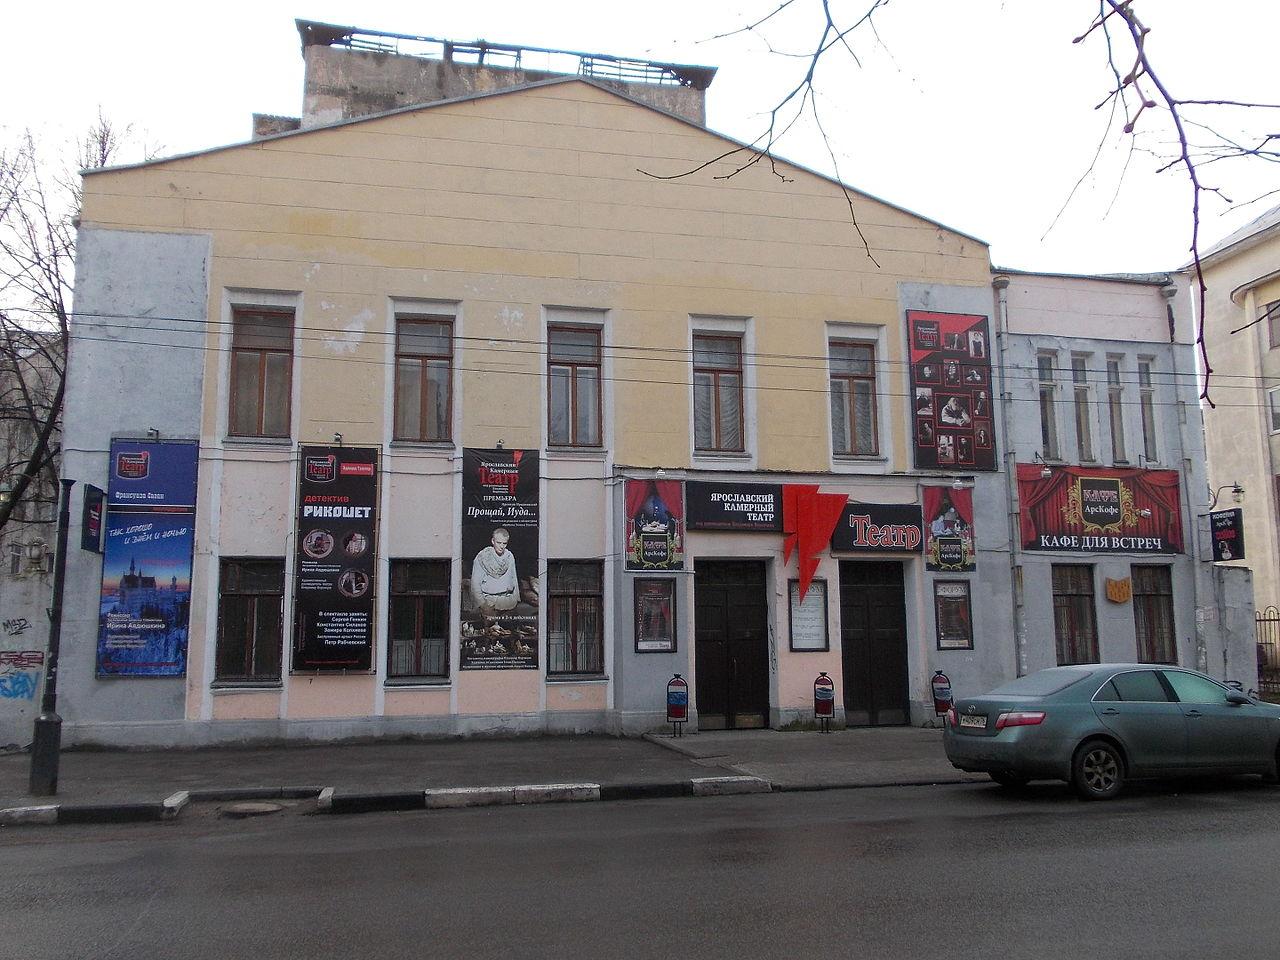 Волковский театр ярославль афиша купить билет концерт артик и асти билеты